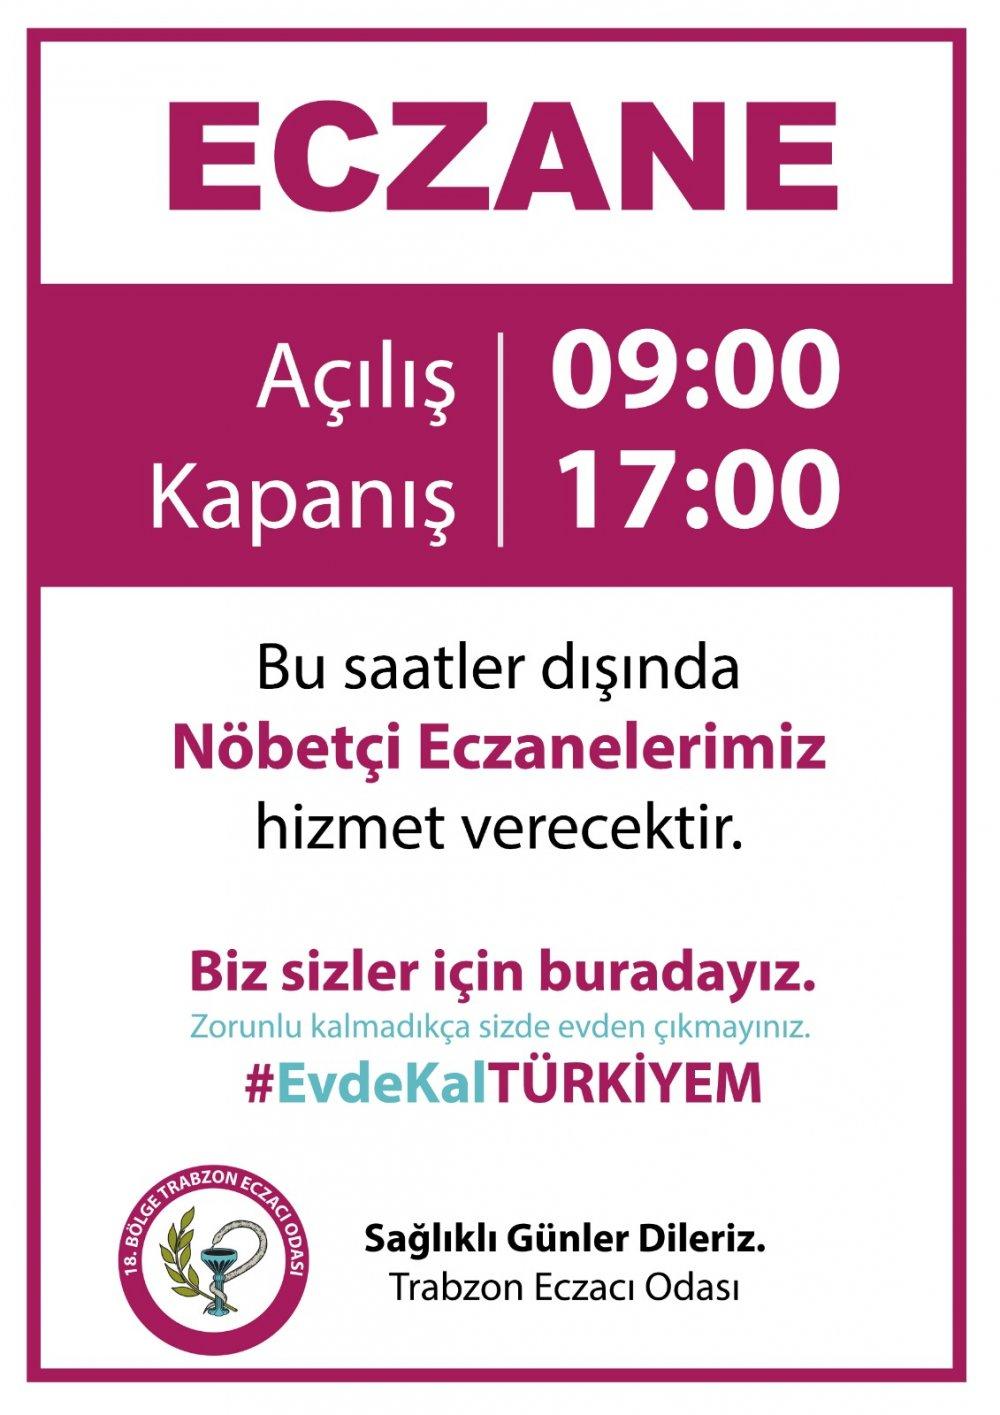 Trabzon'da önemli gelişme! Saatleri değişti